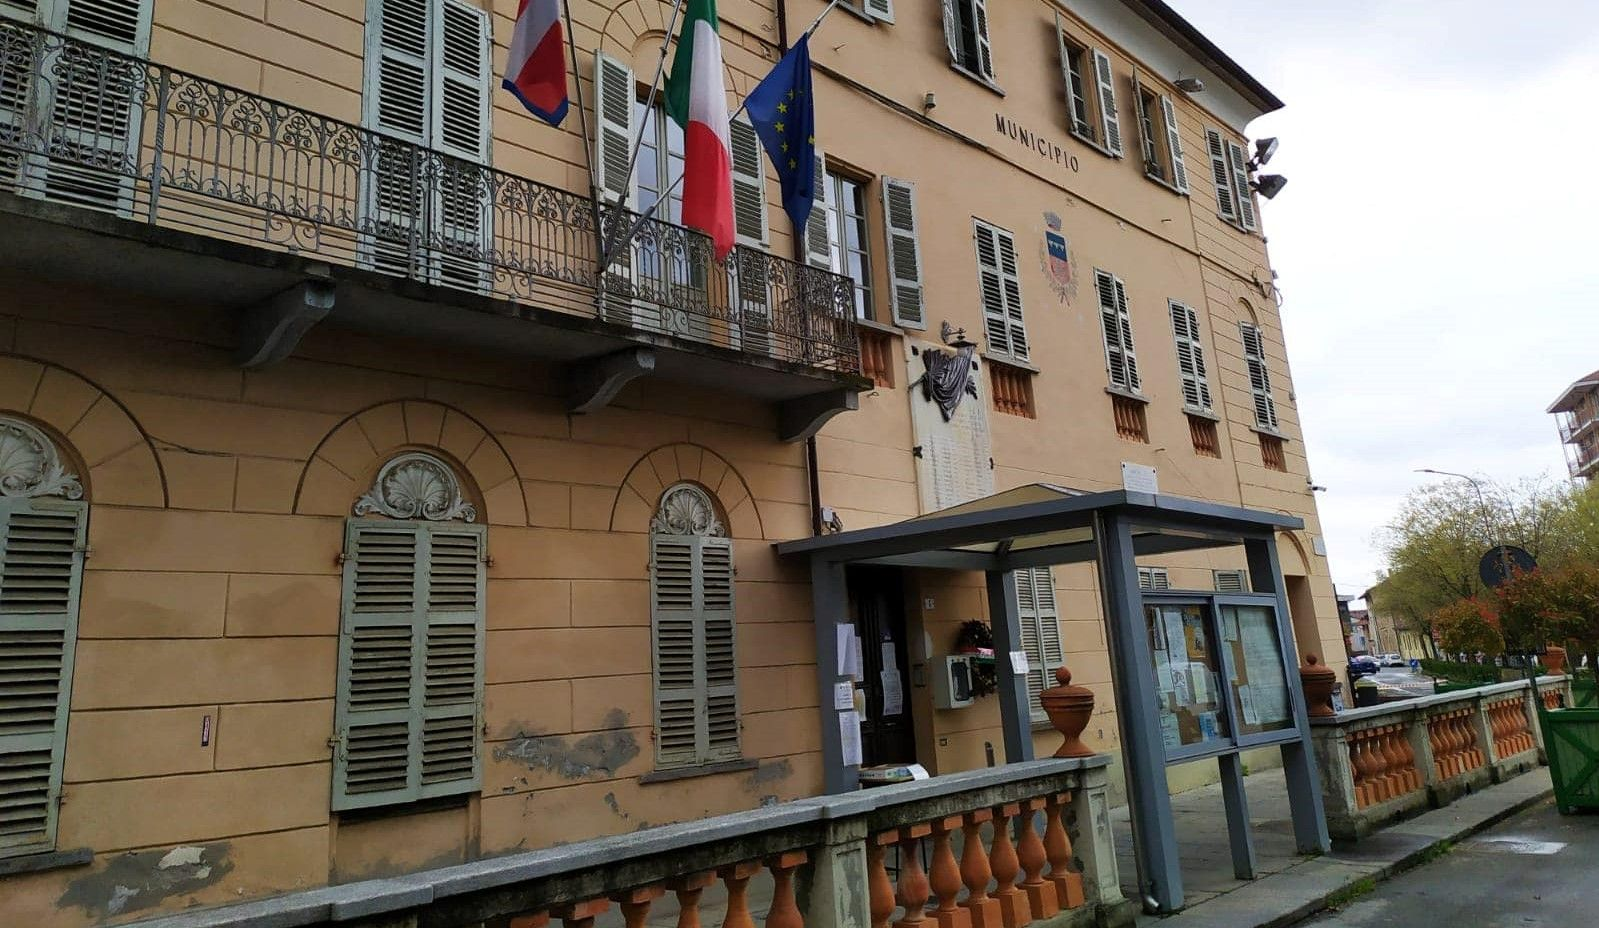 FAVRIA - Il Comune non assume un dipendente disabile: 7000 euro di multa dall'ispettorato del lavoro